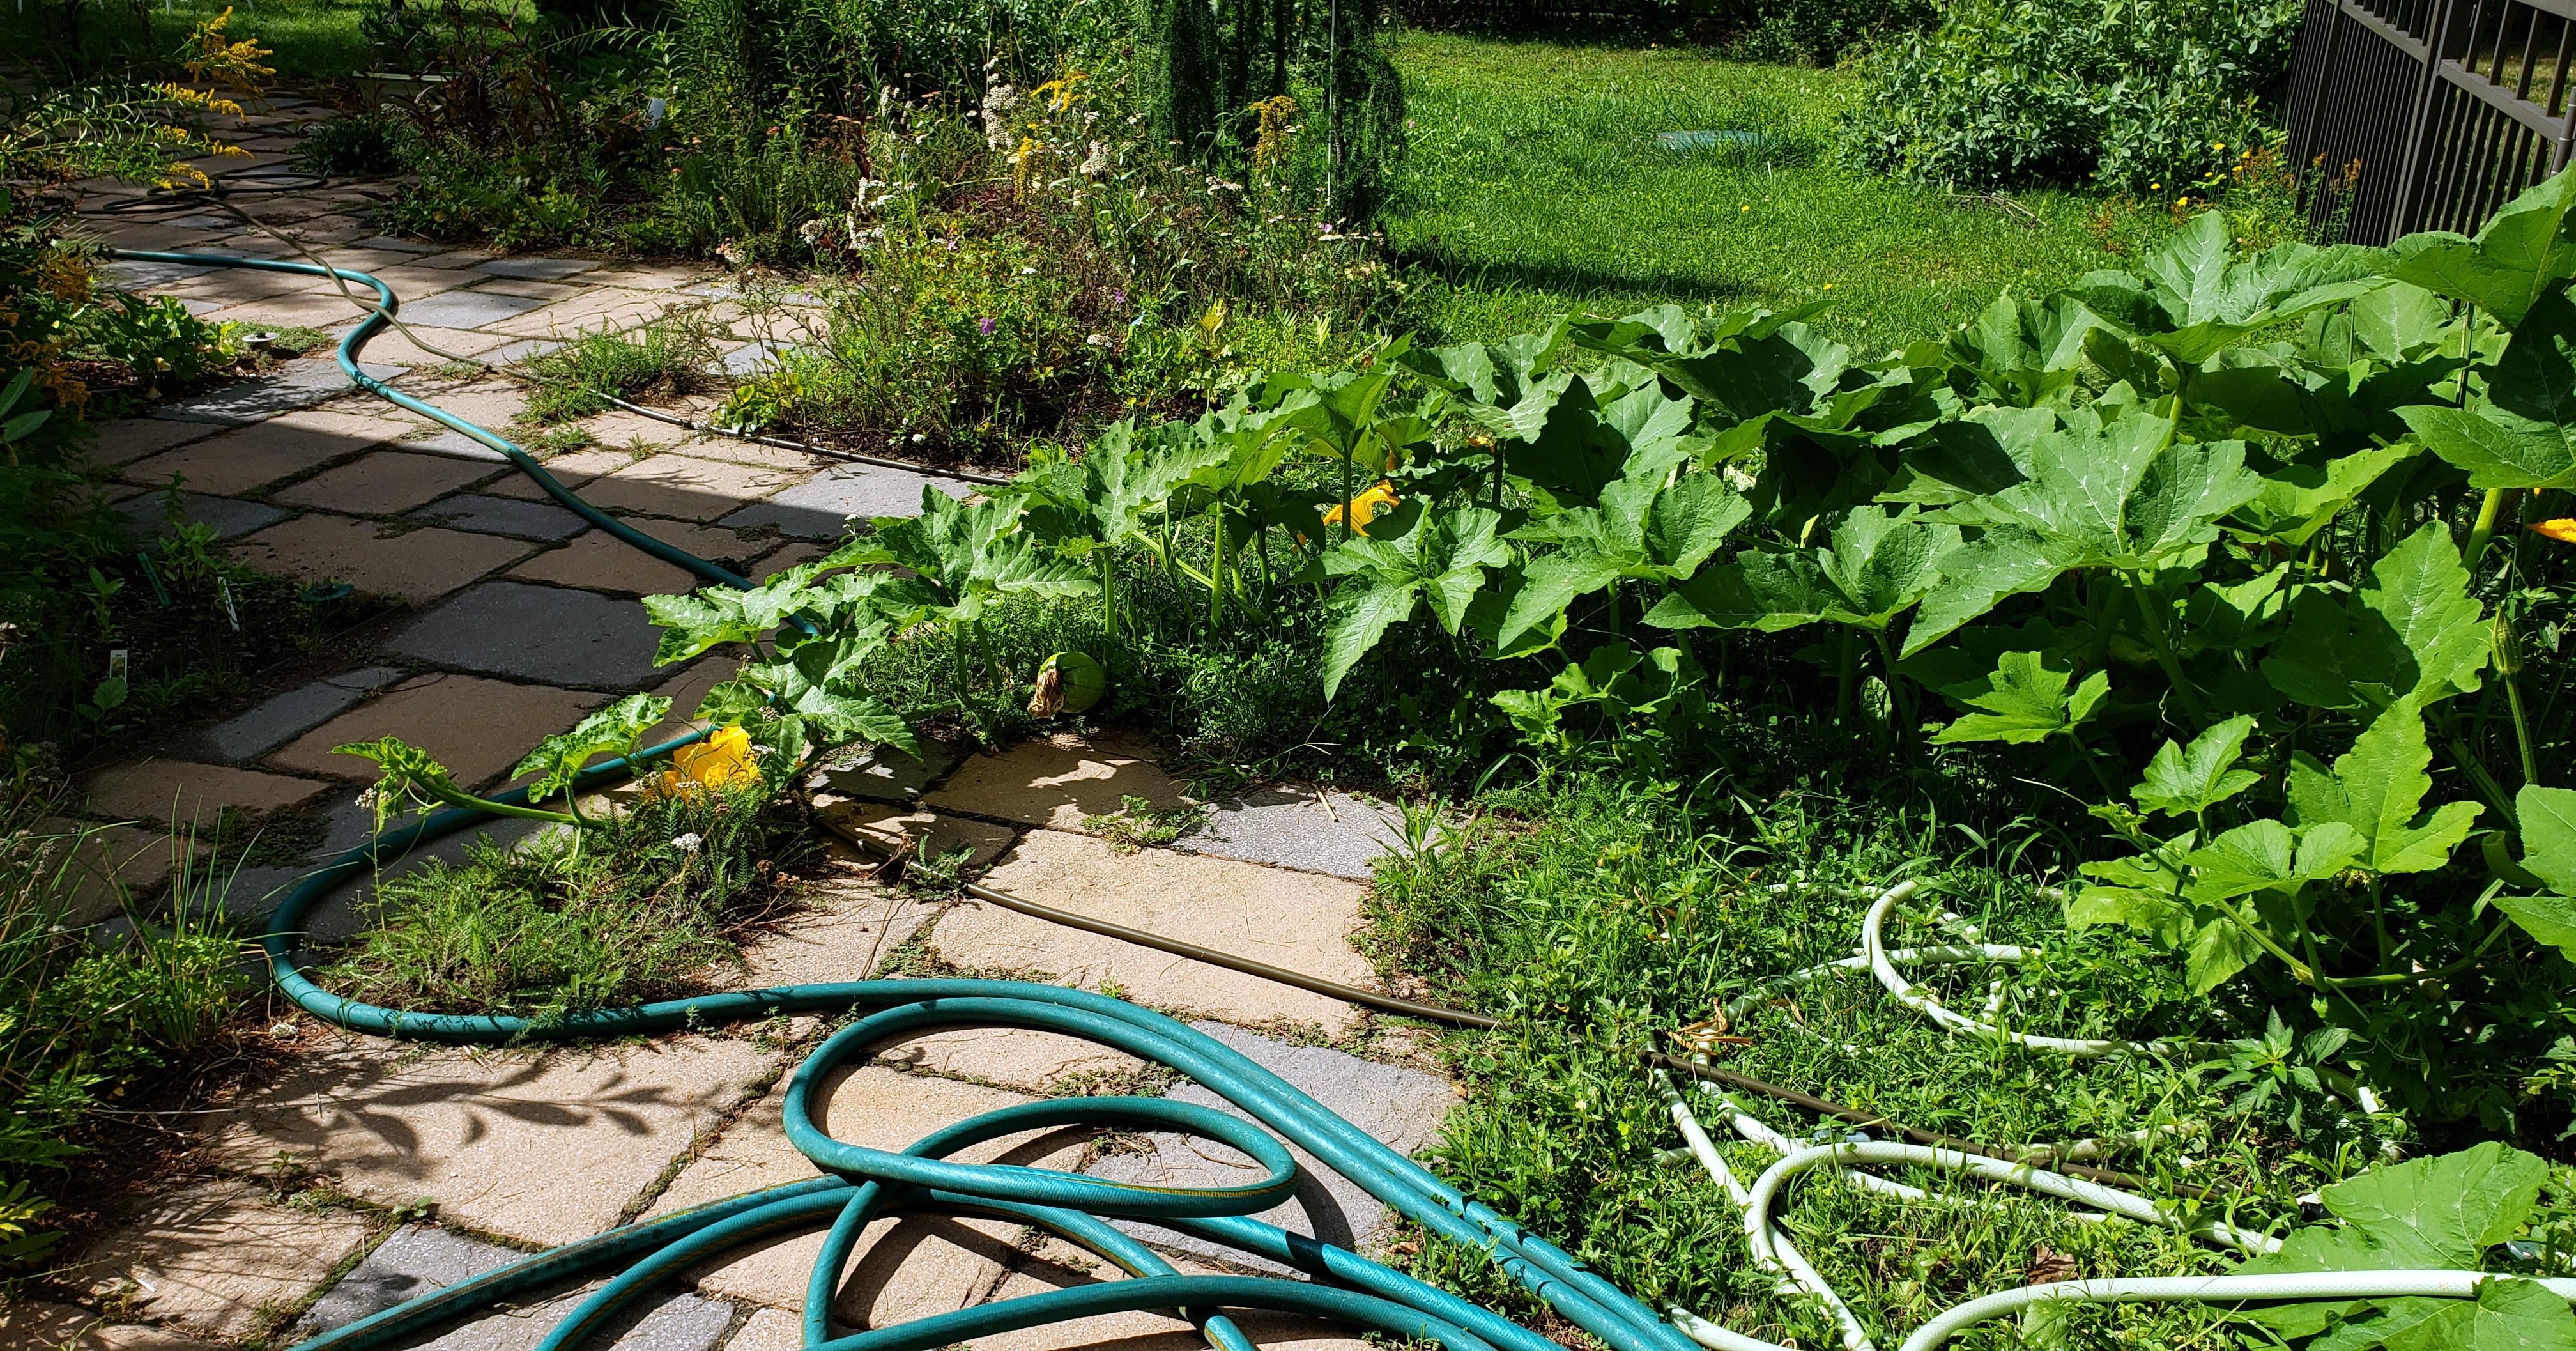 scarysquashplantfromcompostpatiocrawling18Aug2020